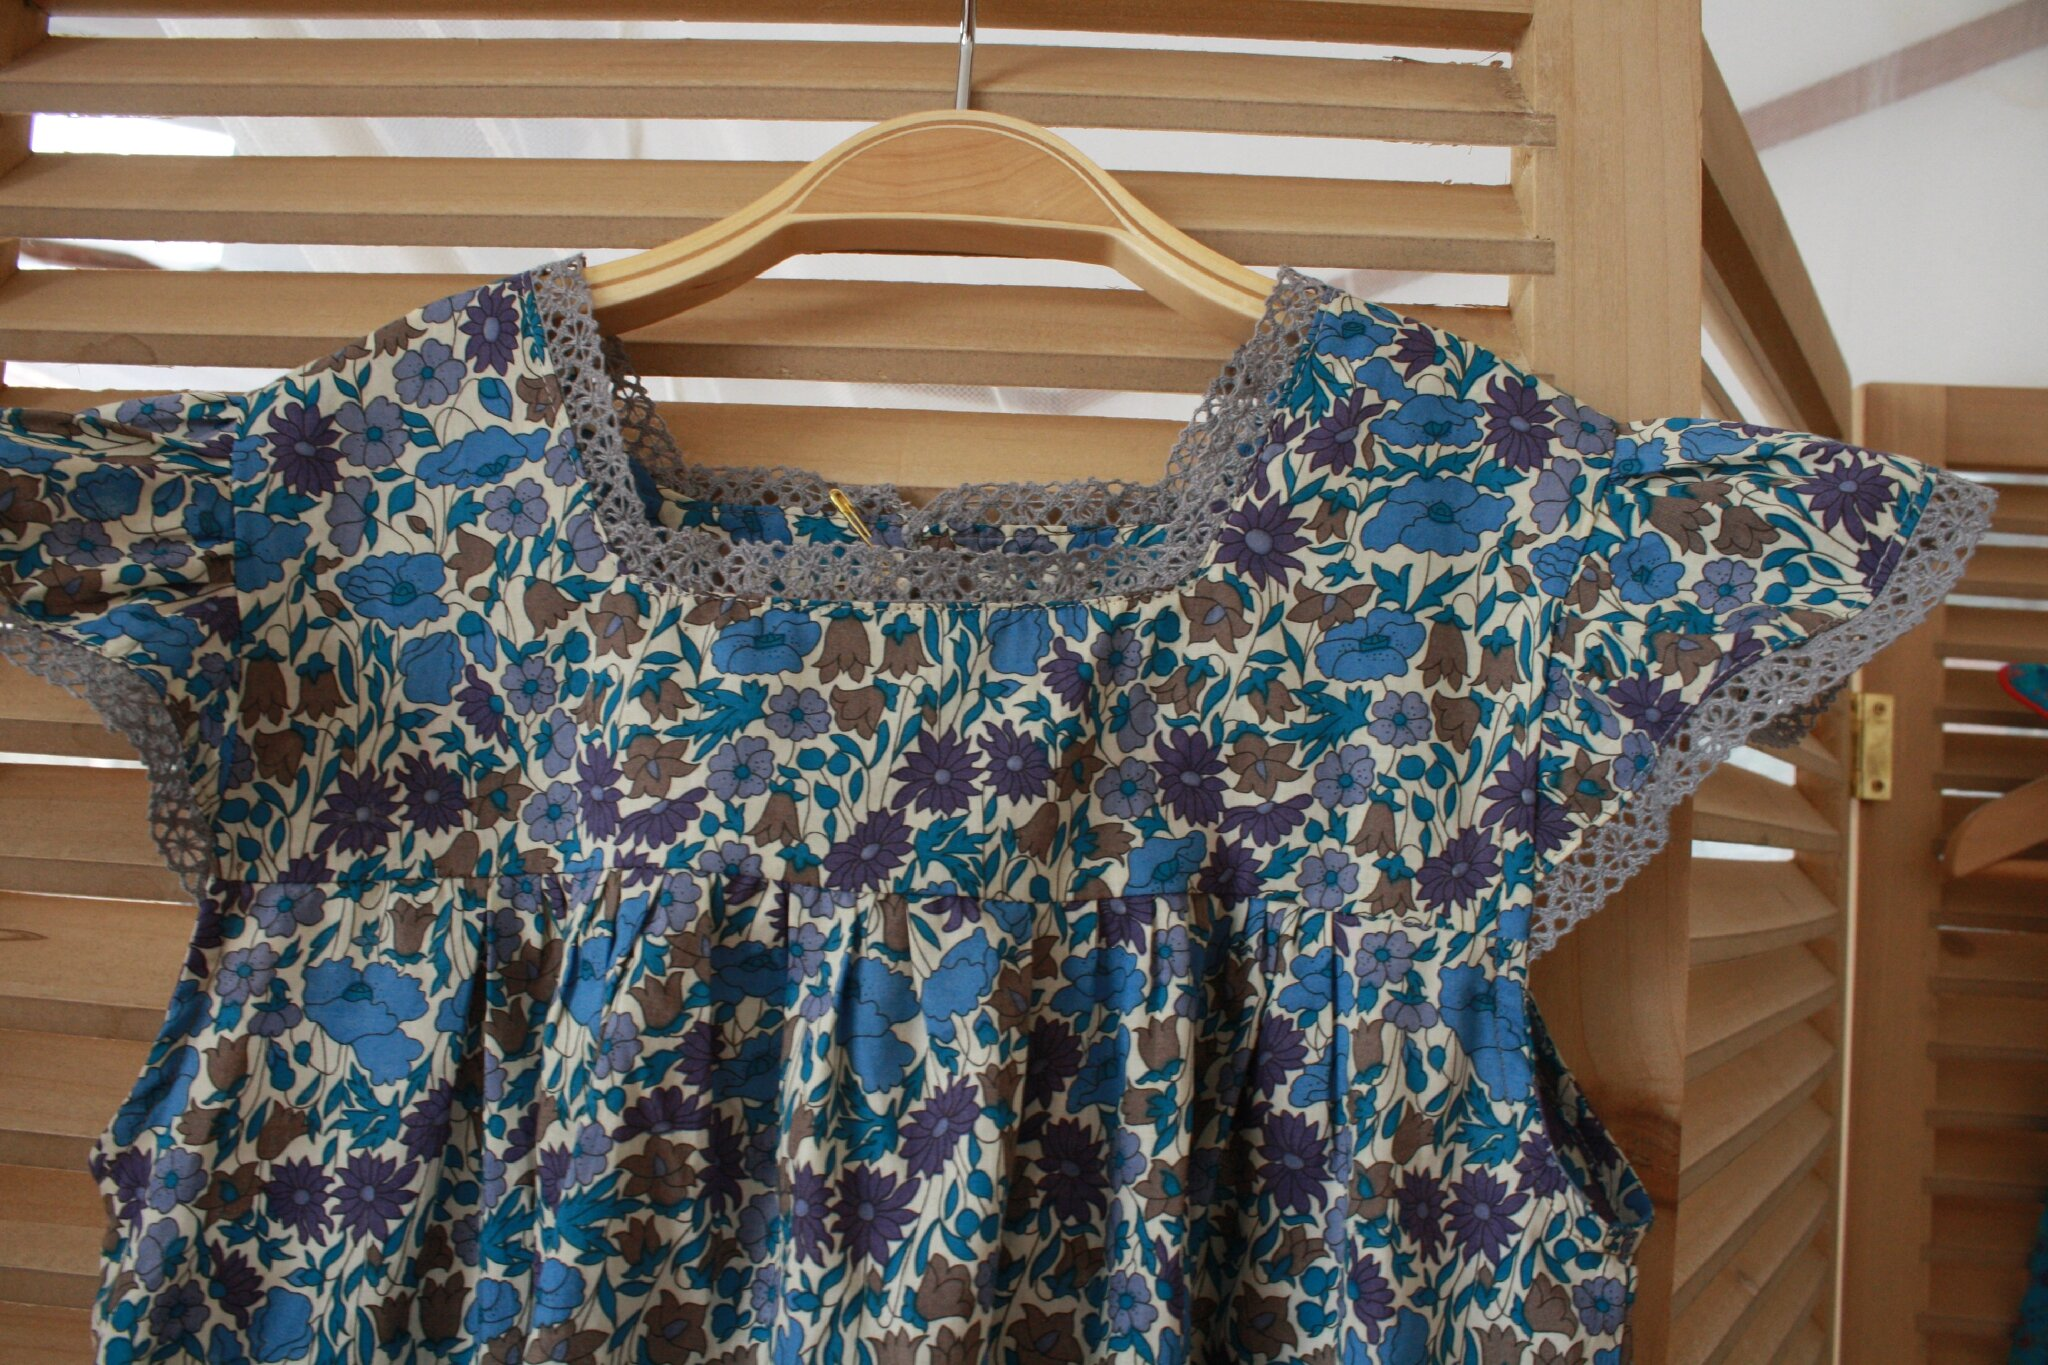 robe Liberty bleue, petites manches volantées, décolletée carrée, soulignée de dentelle grise en coton, poche devant